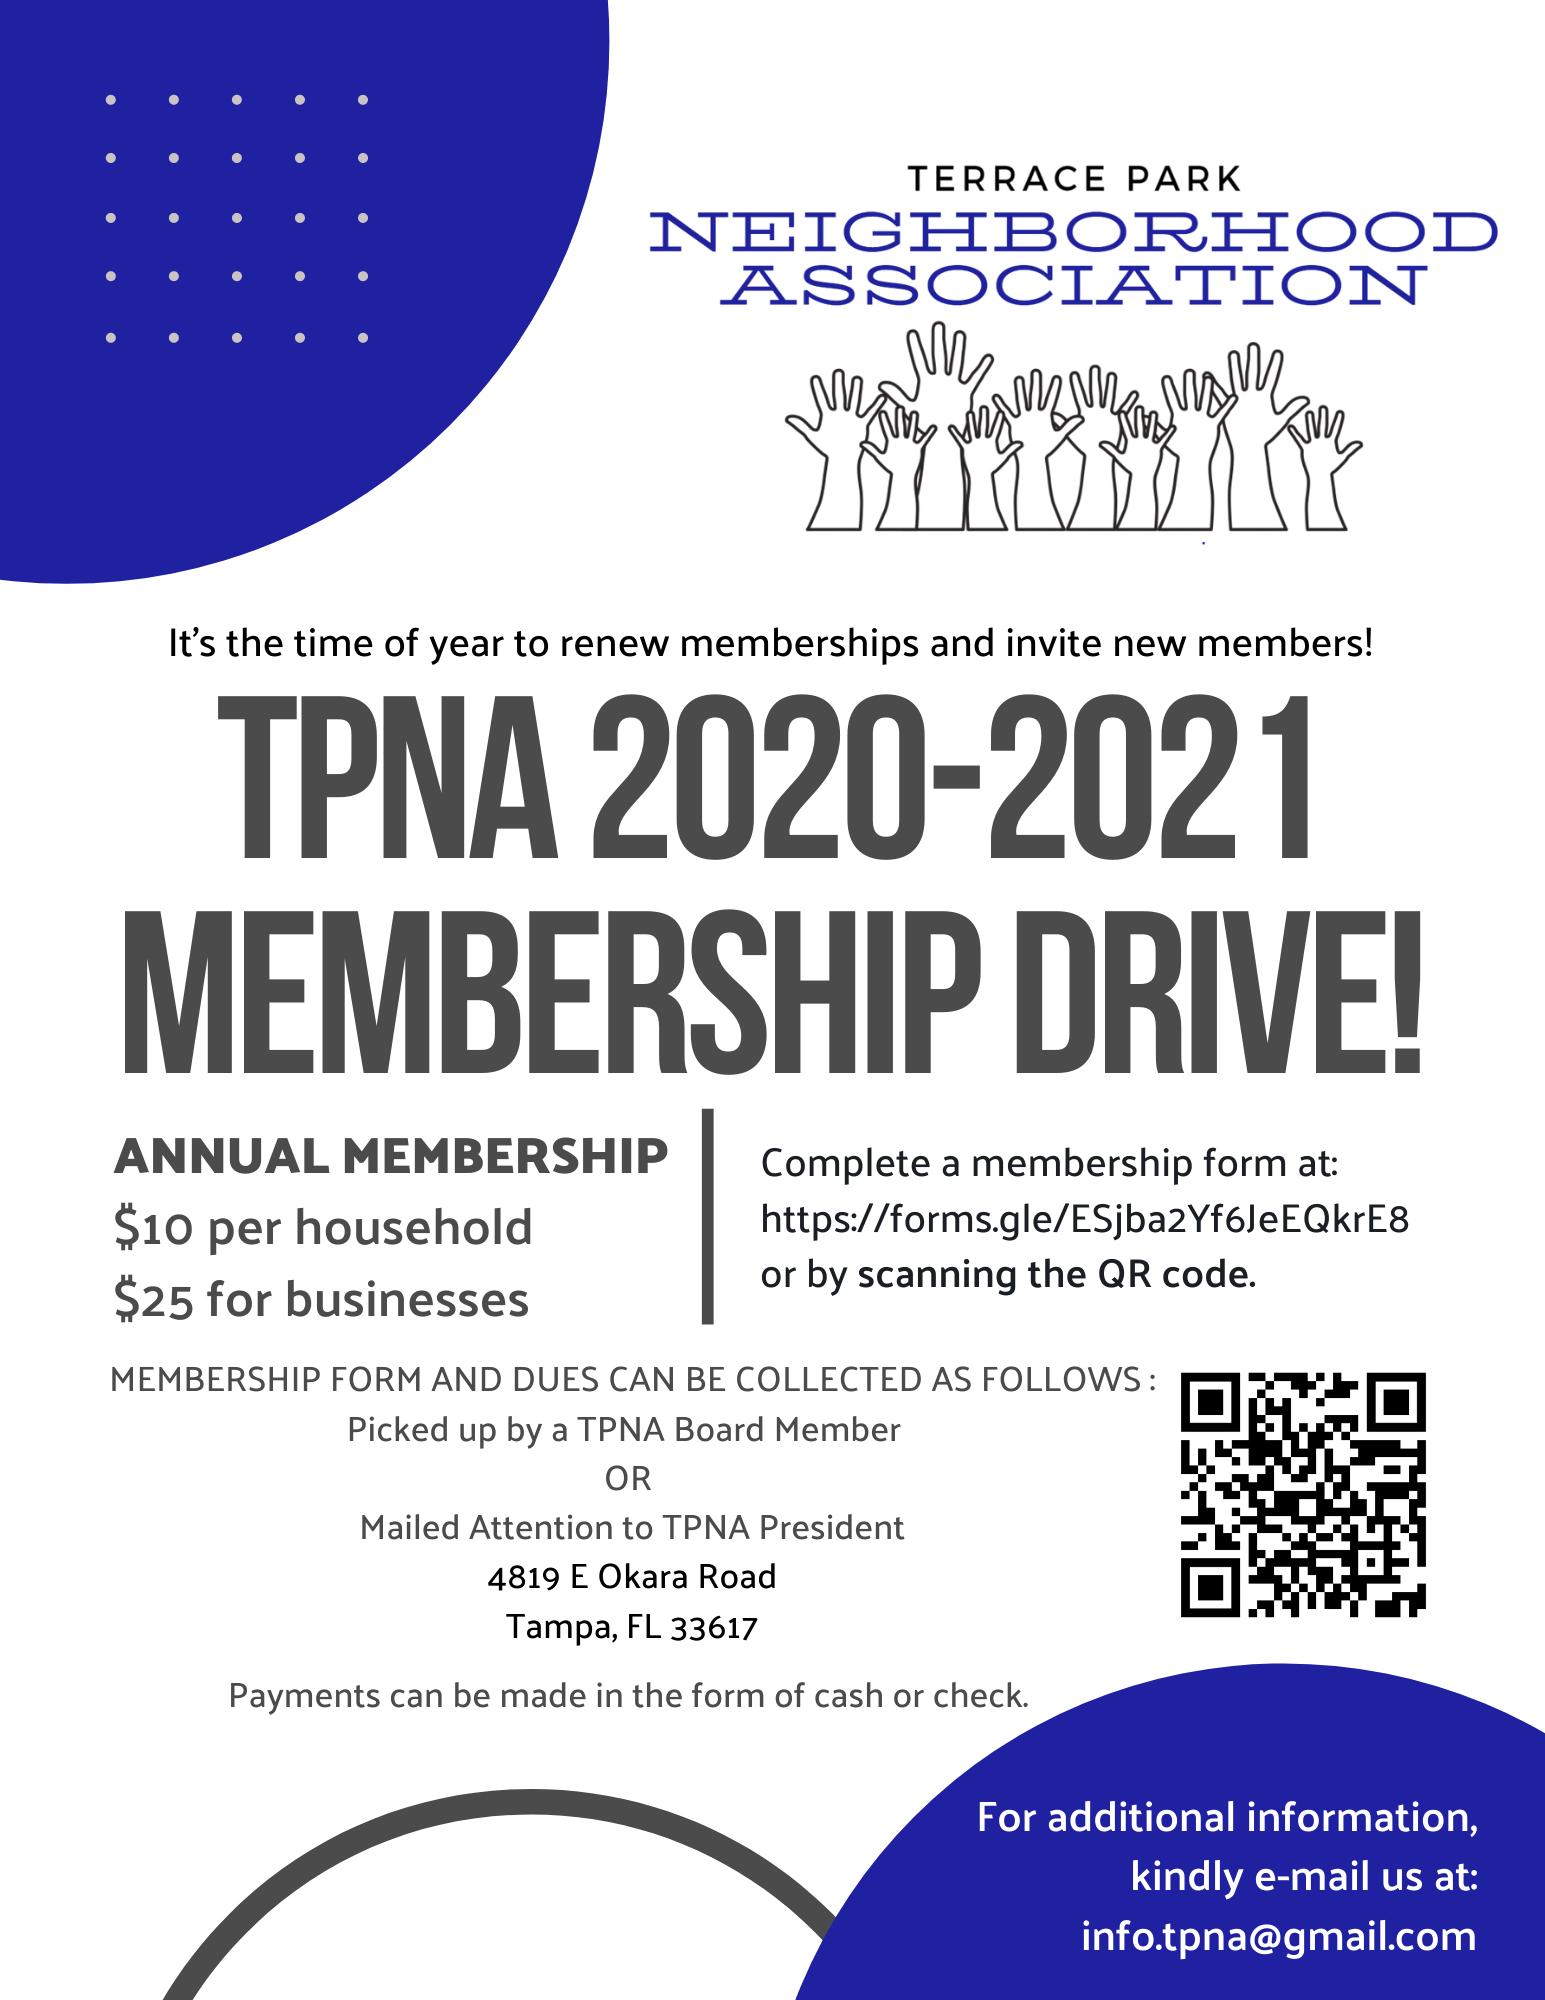 TPNA 2020-2021 Membership Drive Flyer.pn